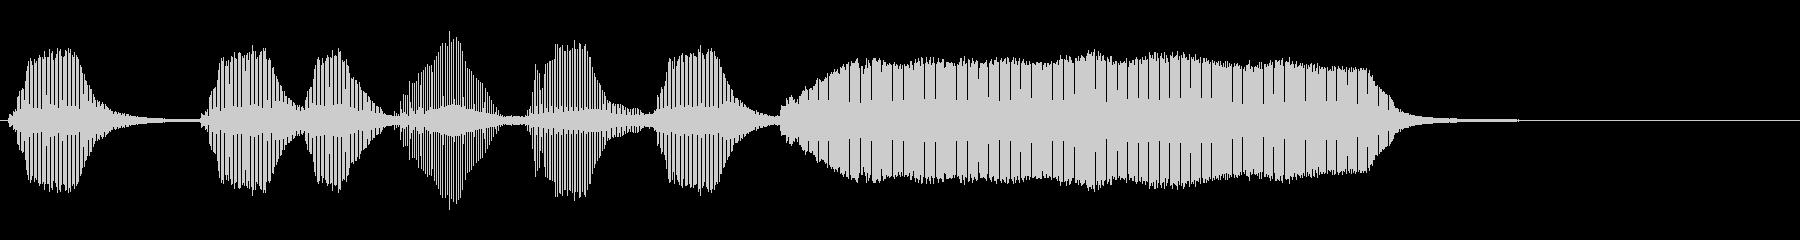 KANTコミカルファンファーレ7082の未再生の波形